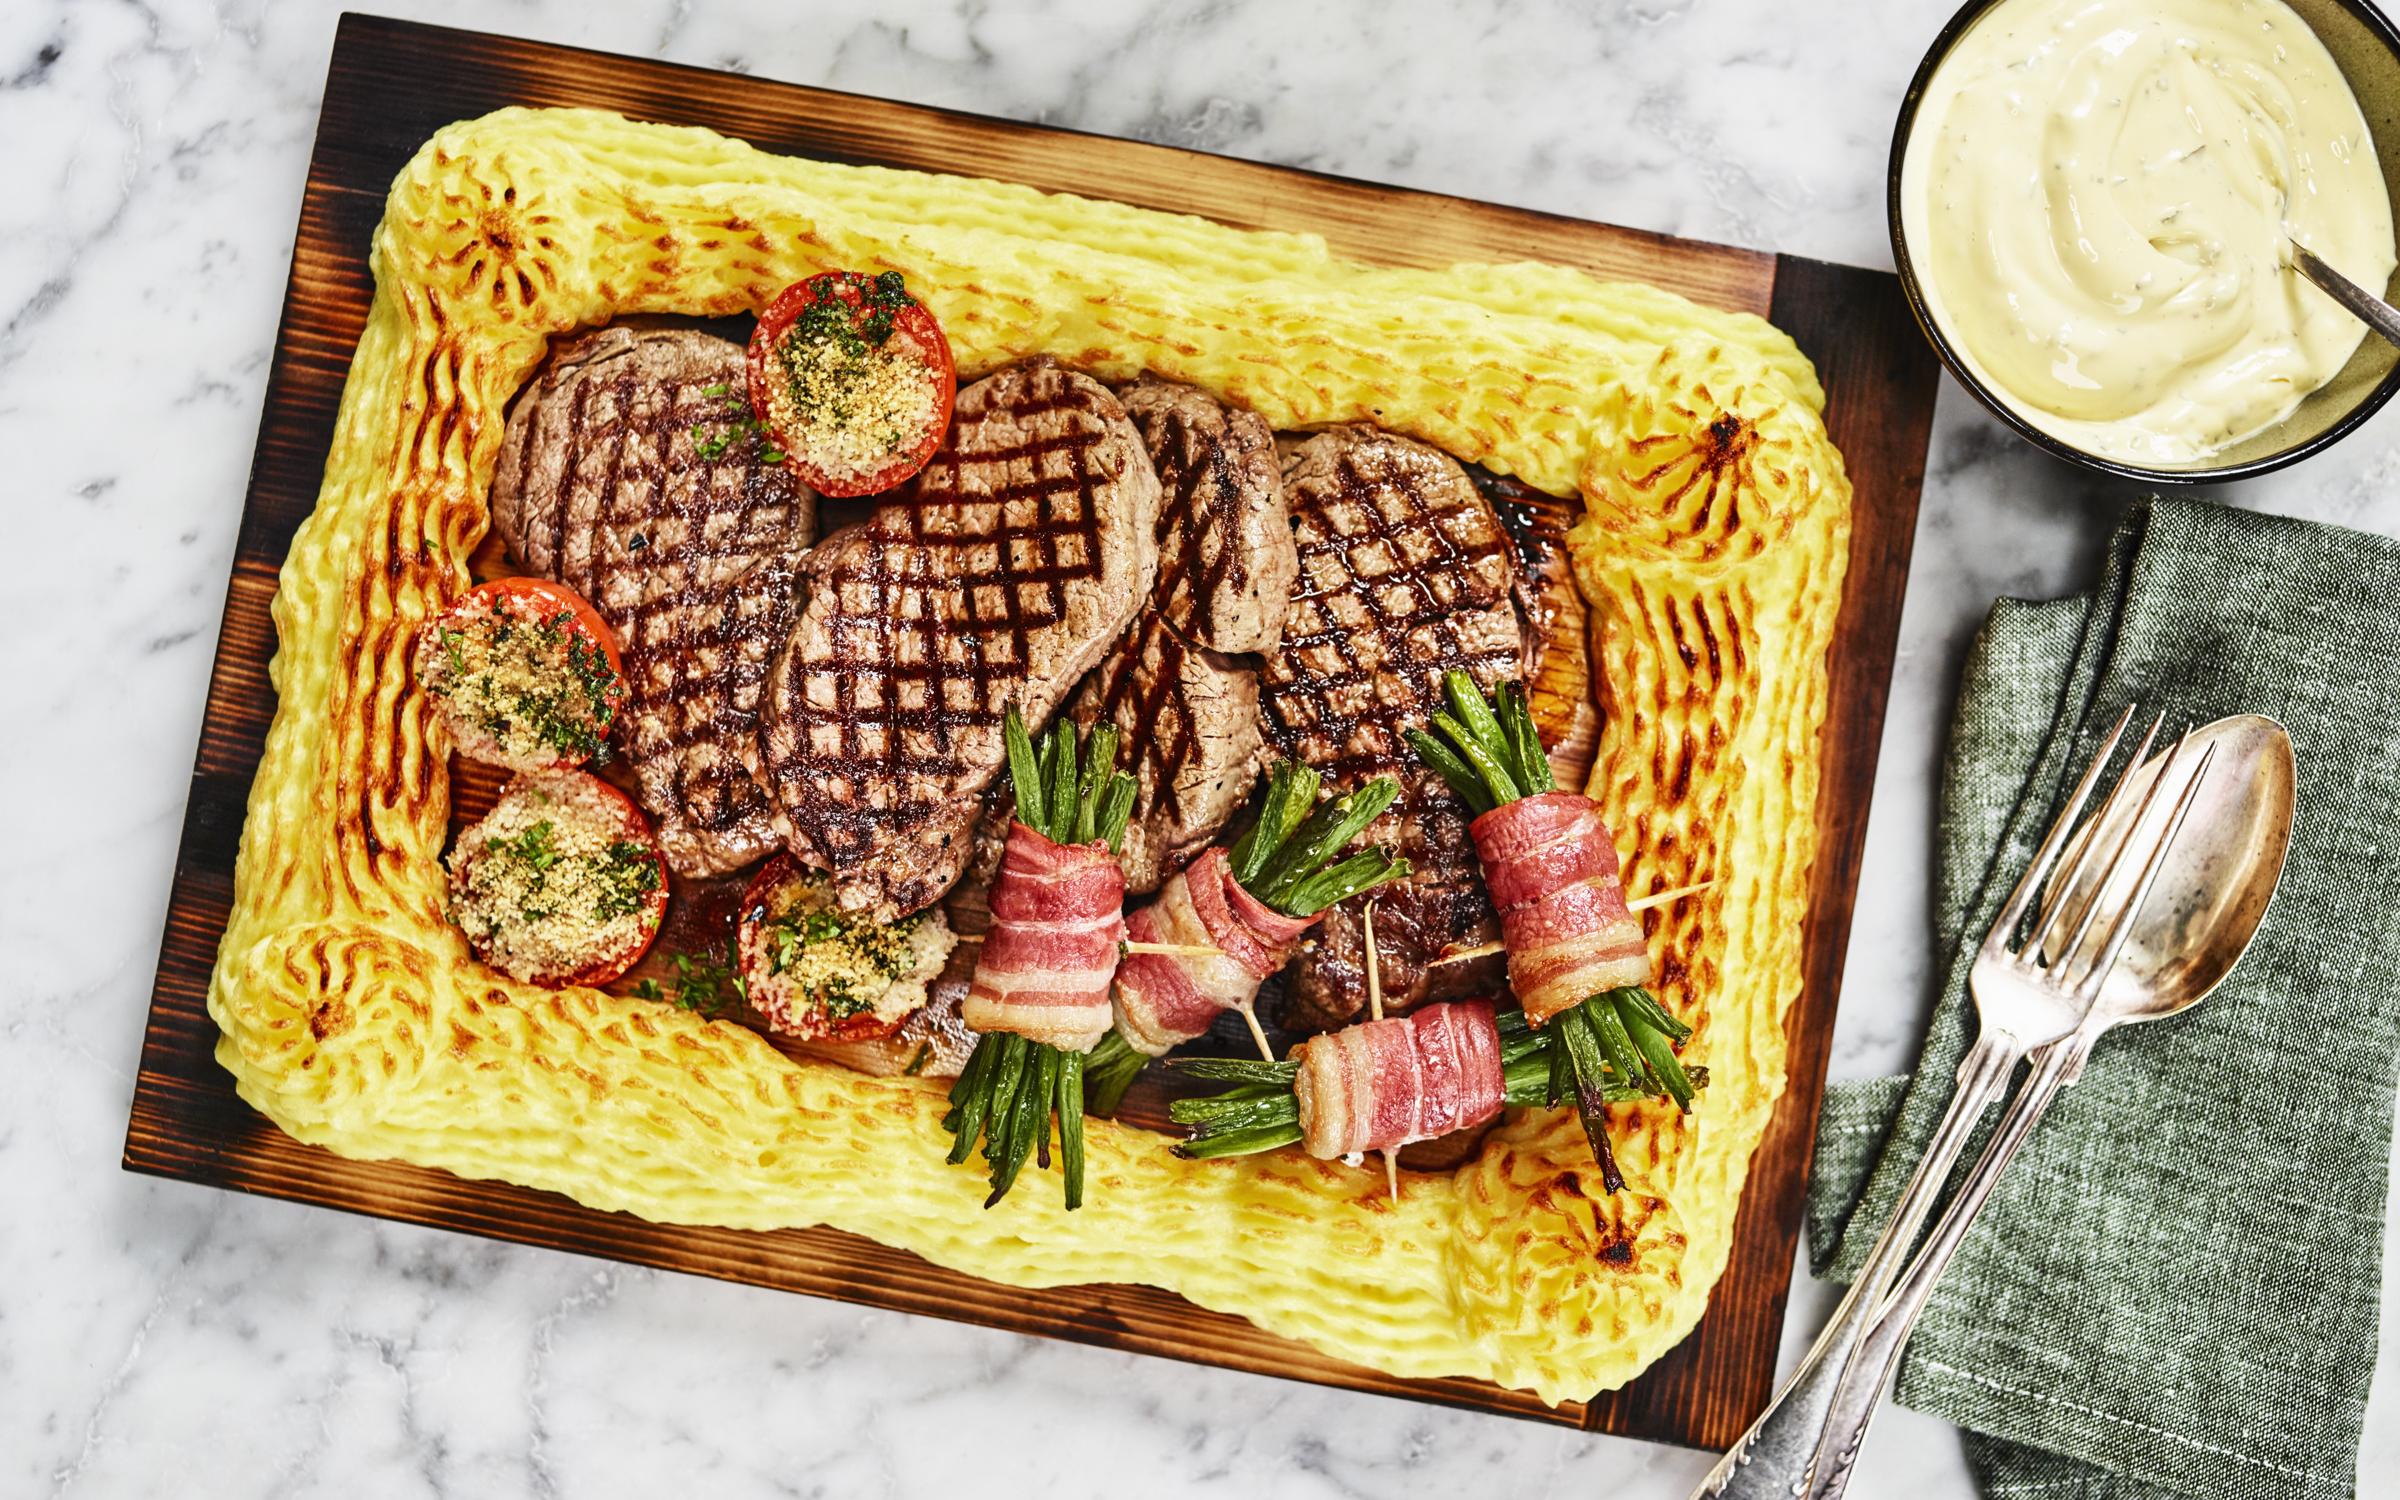 stek recept kött